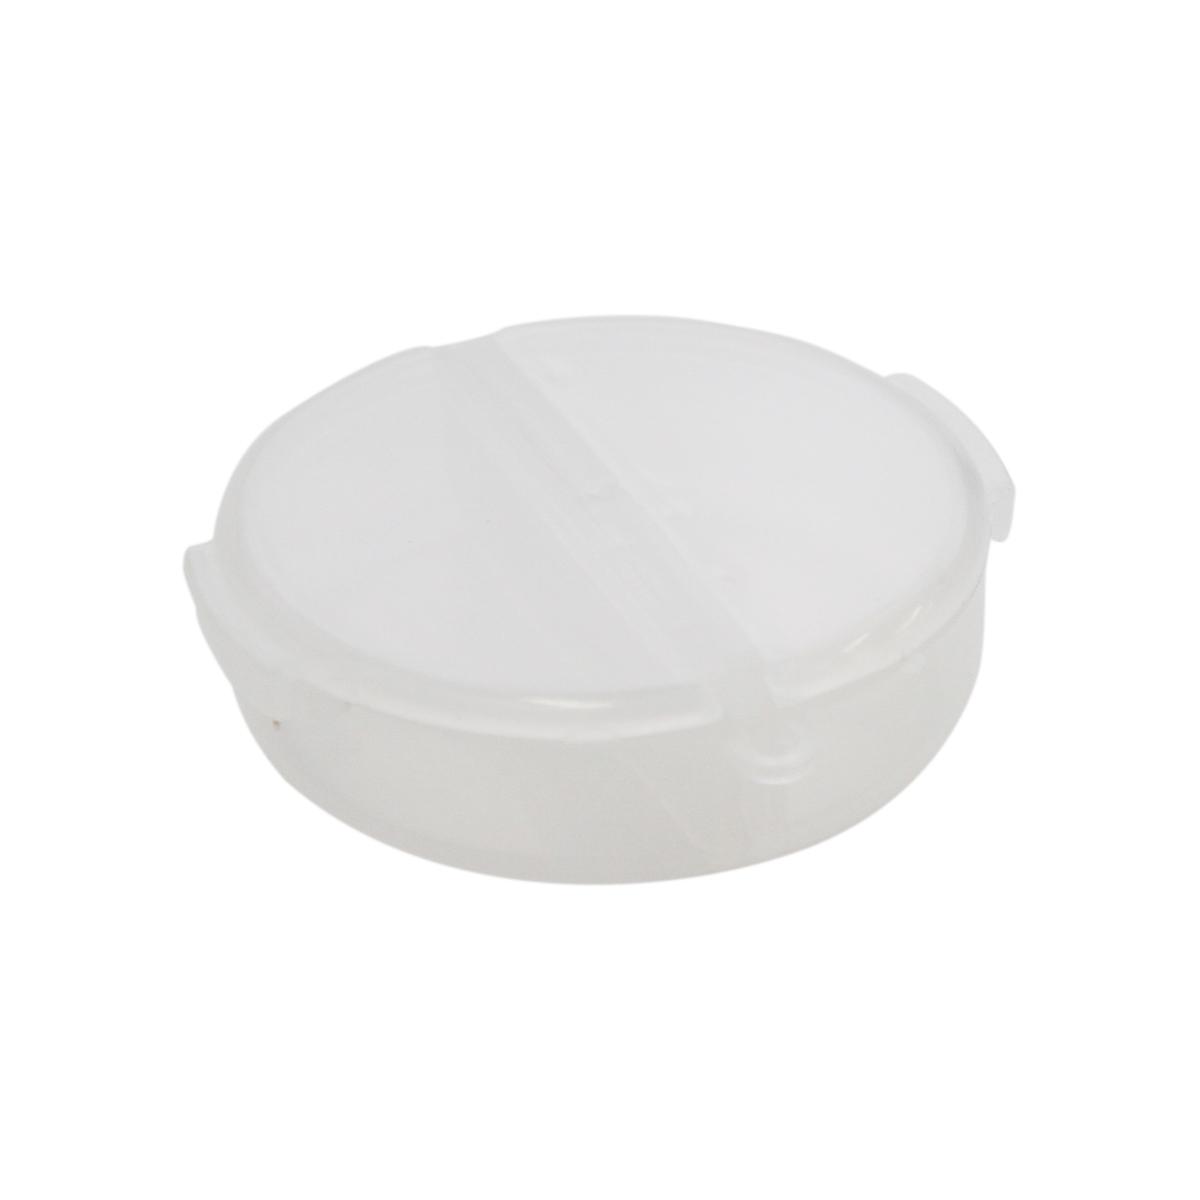 Контейнер для мелочей Trivol, цвет: прозрачный, 5,5 х 1,8 см498115_прозрачныйКонтейнеры для мелочей идеально подойдут для хранения швейных принадлежностей (ниток, бисера, бусин и другого). Выполнены в разных цветовых вариантах.